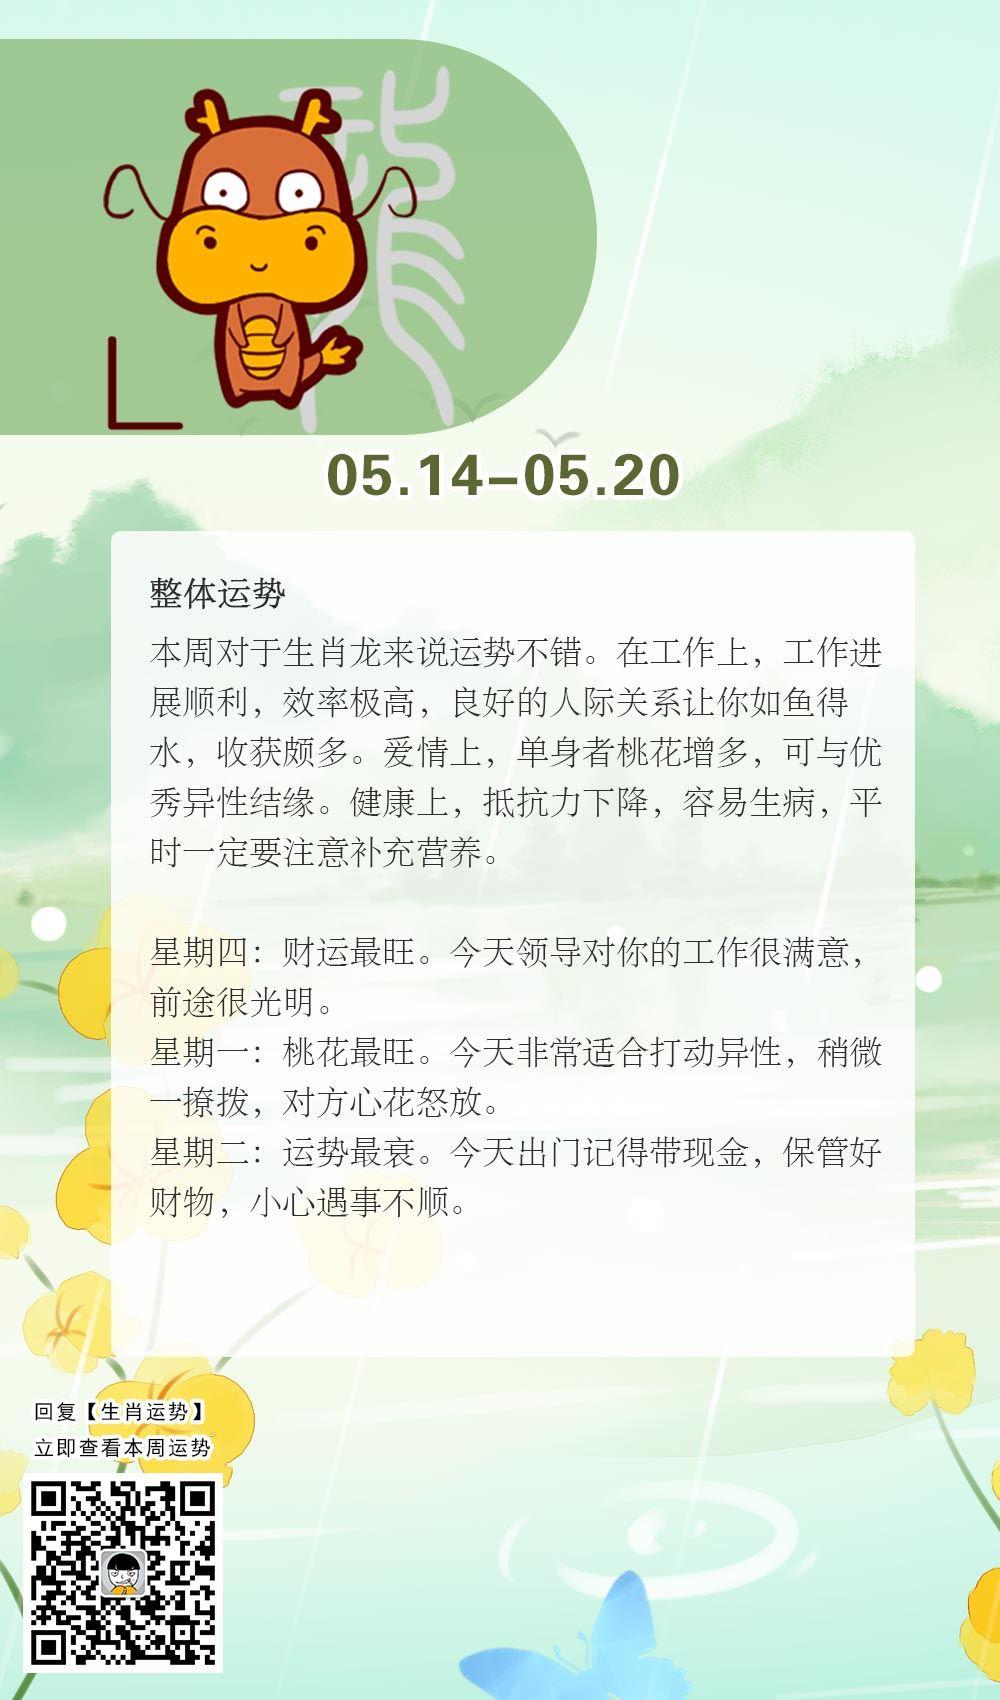 生肖龙本周运势【2018.05.14-05.20】